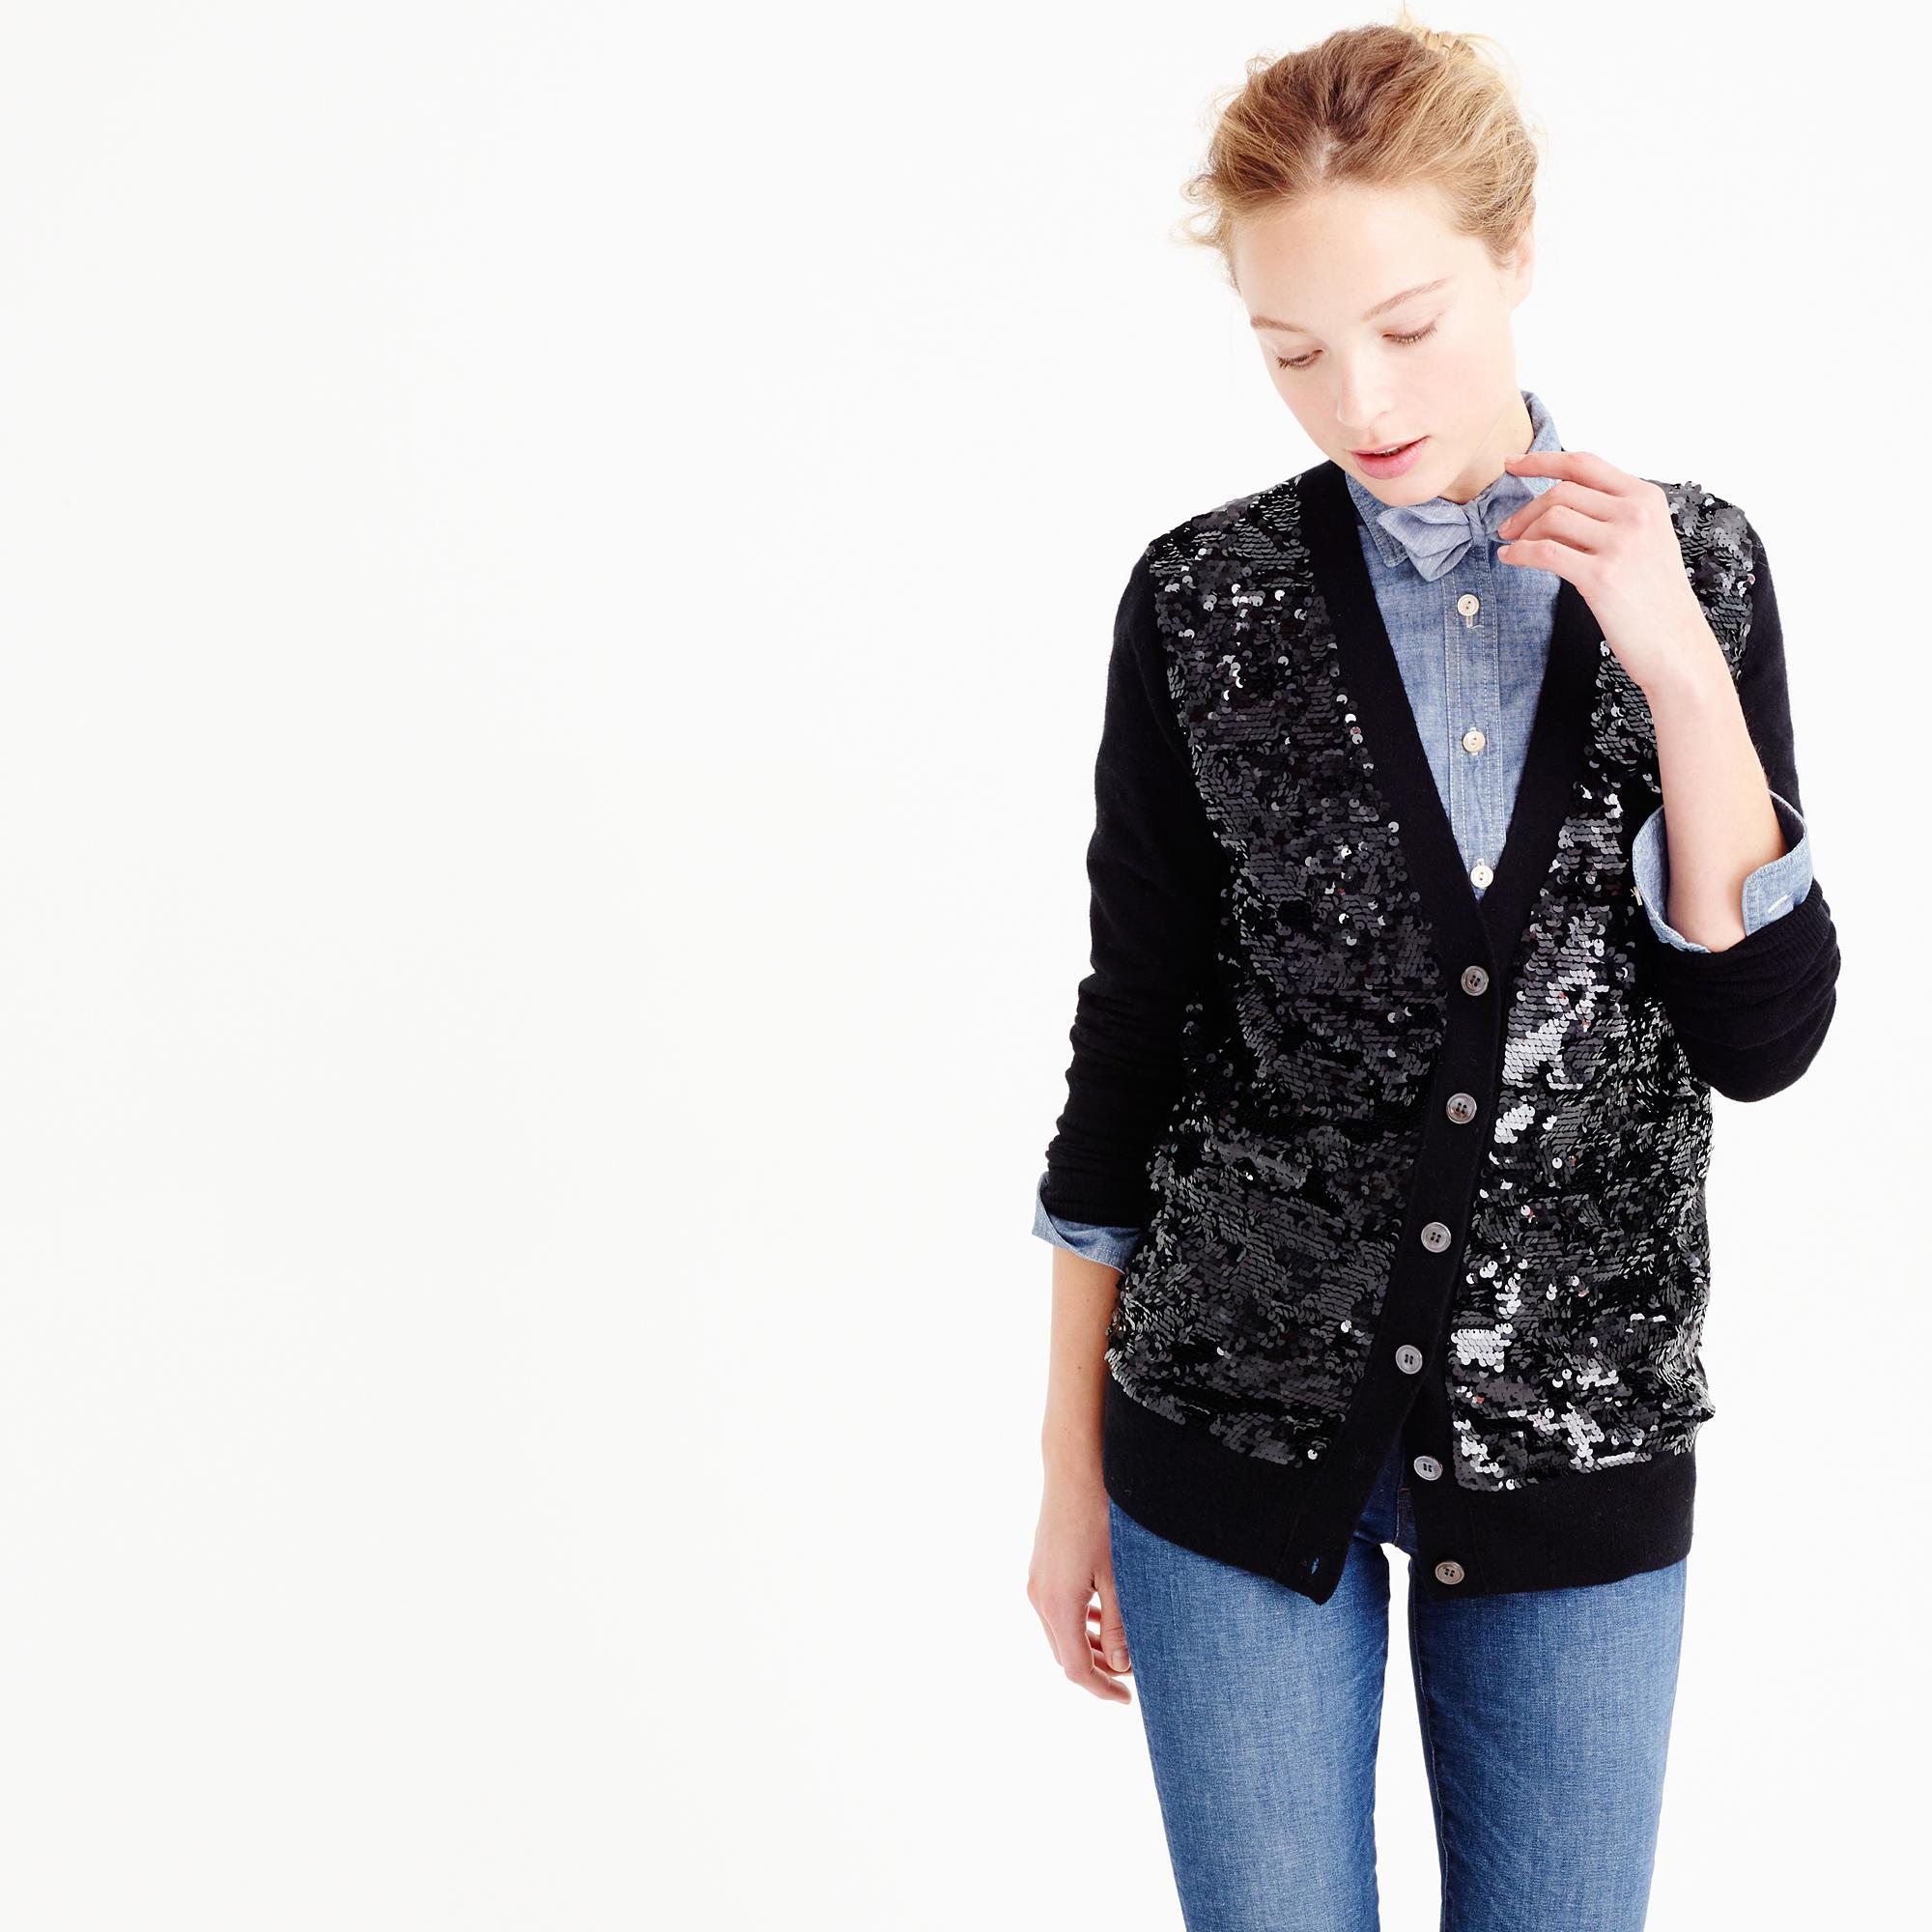 J.crew Sequin Cardigan Sweater in Black | Lyst